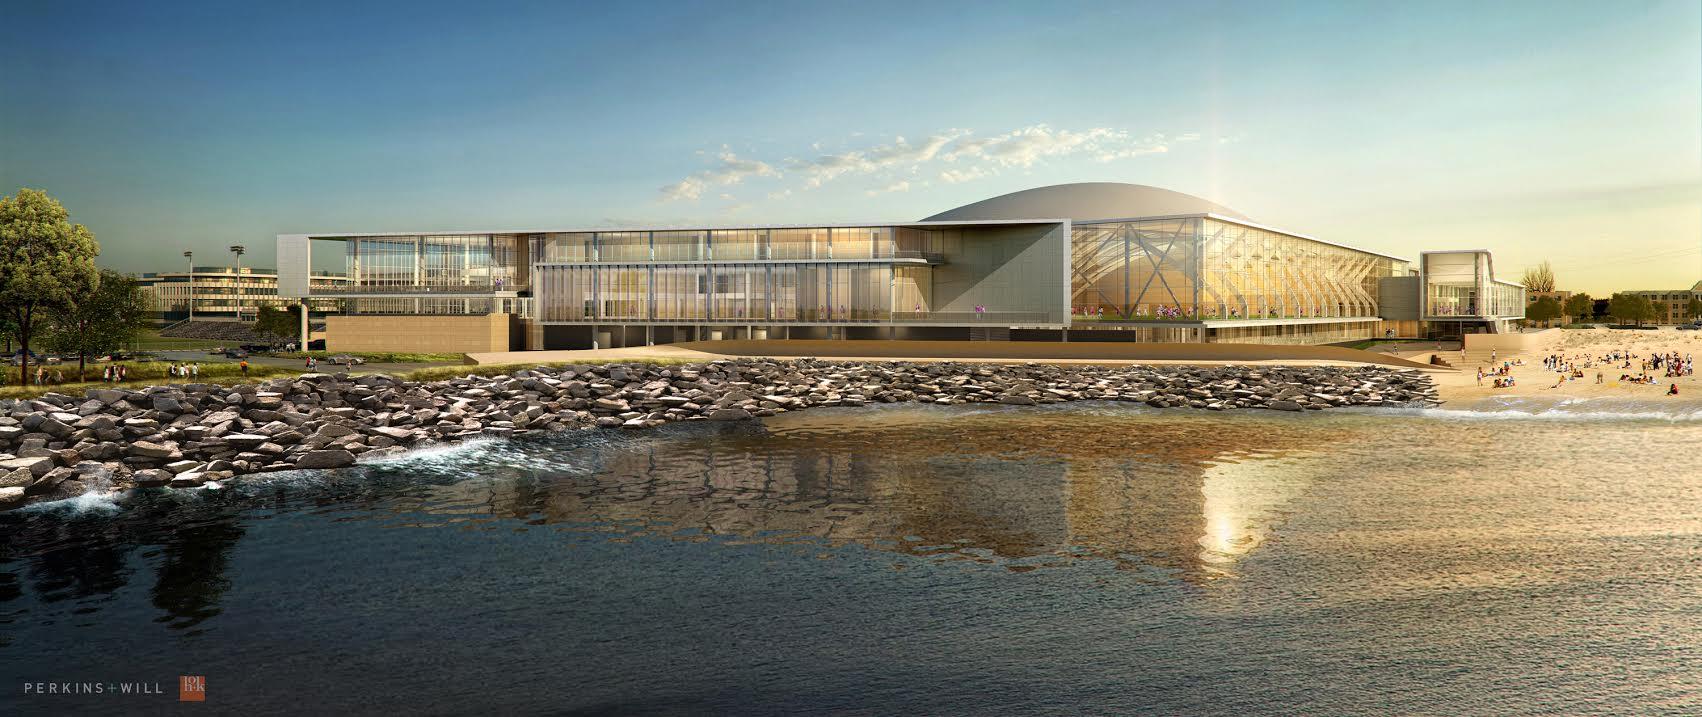 Northwestern 39 S Norris Natatorium To Be Expanded In Rec Center Overhaul